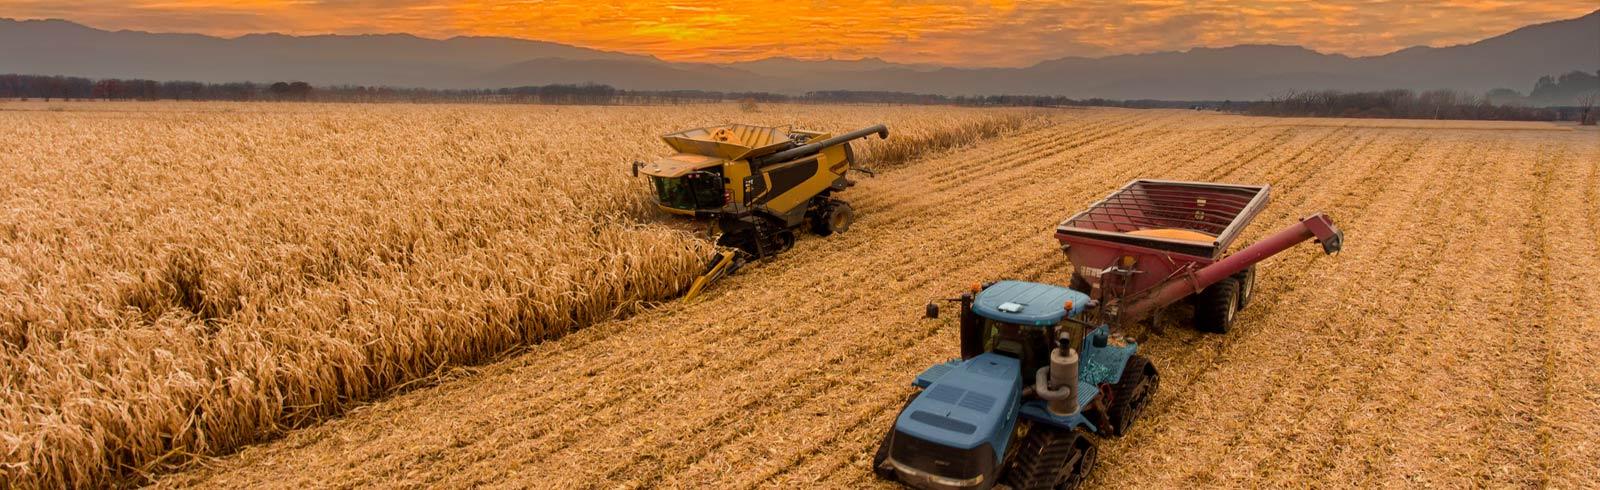 https://newfepa.com/wp-content/uploads/2021/02/Fepa-Estampación-Agricultura©.jpg?_t=1617708241